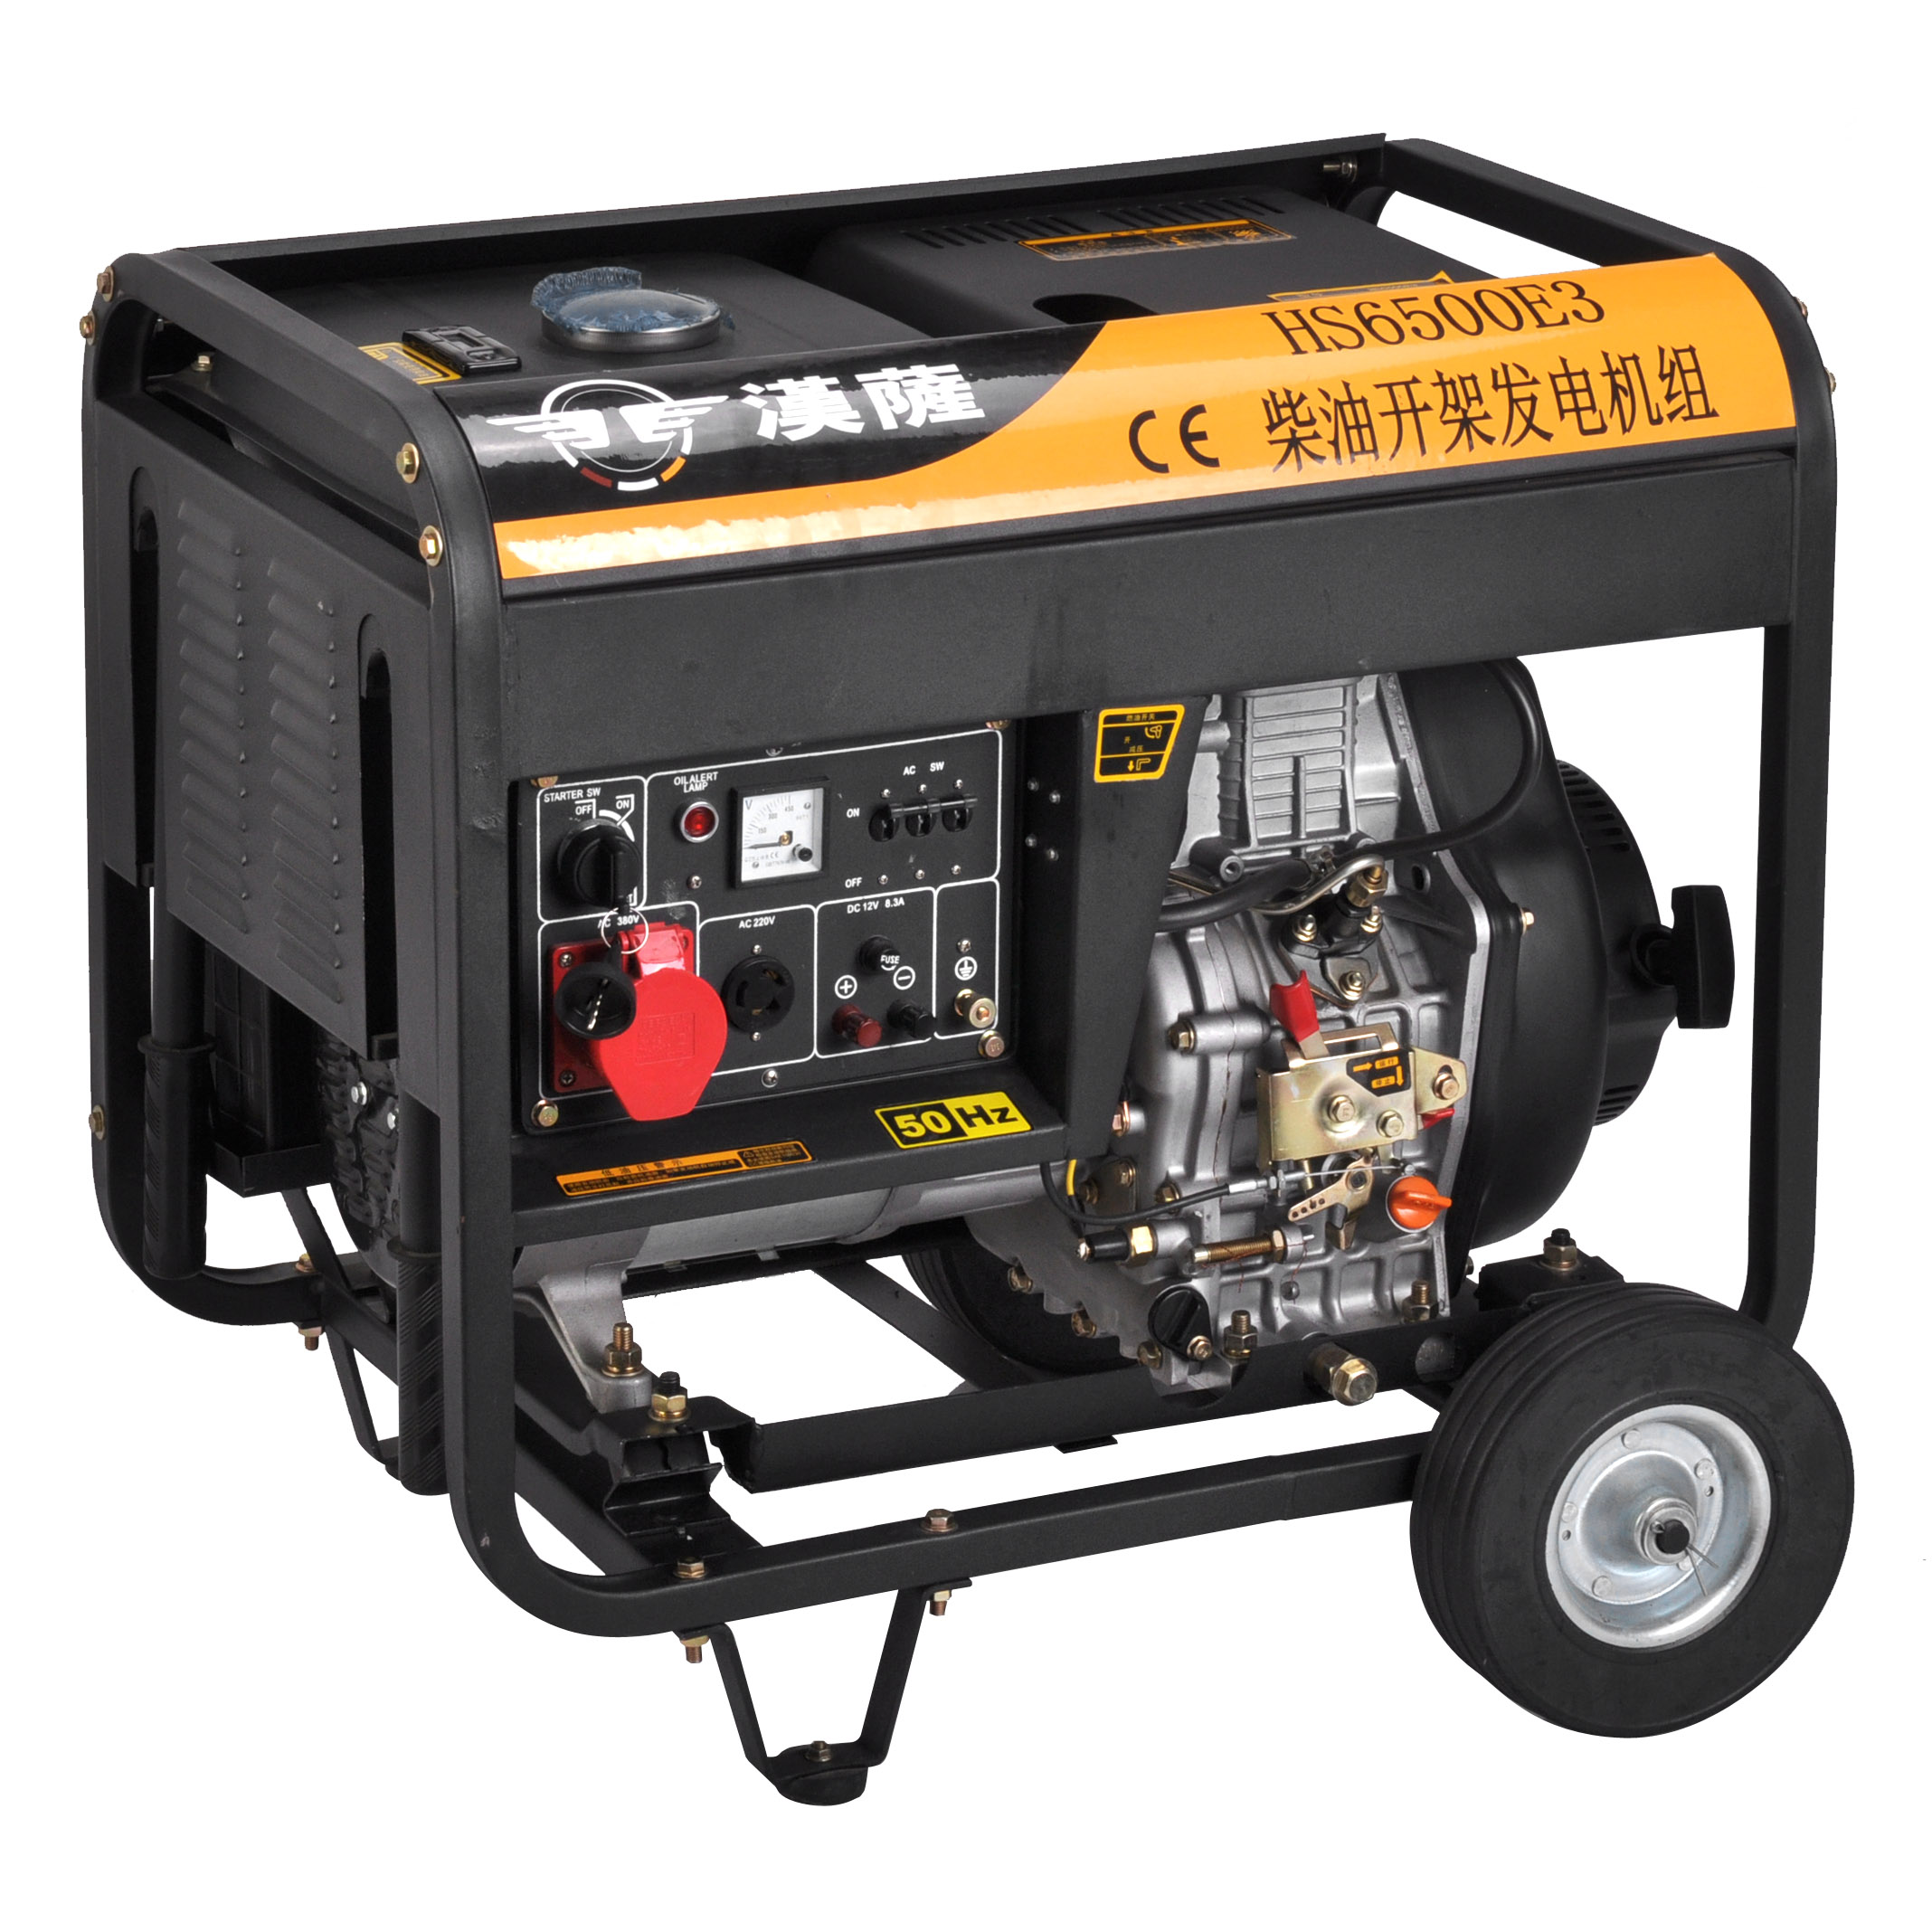 开架式柴油发电机//6KW柴油发电机//三相电启动发电机